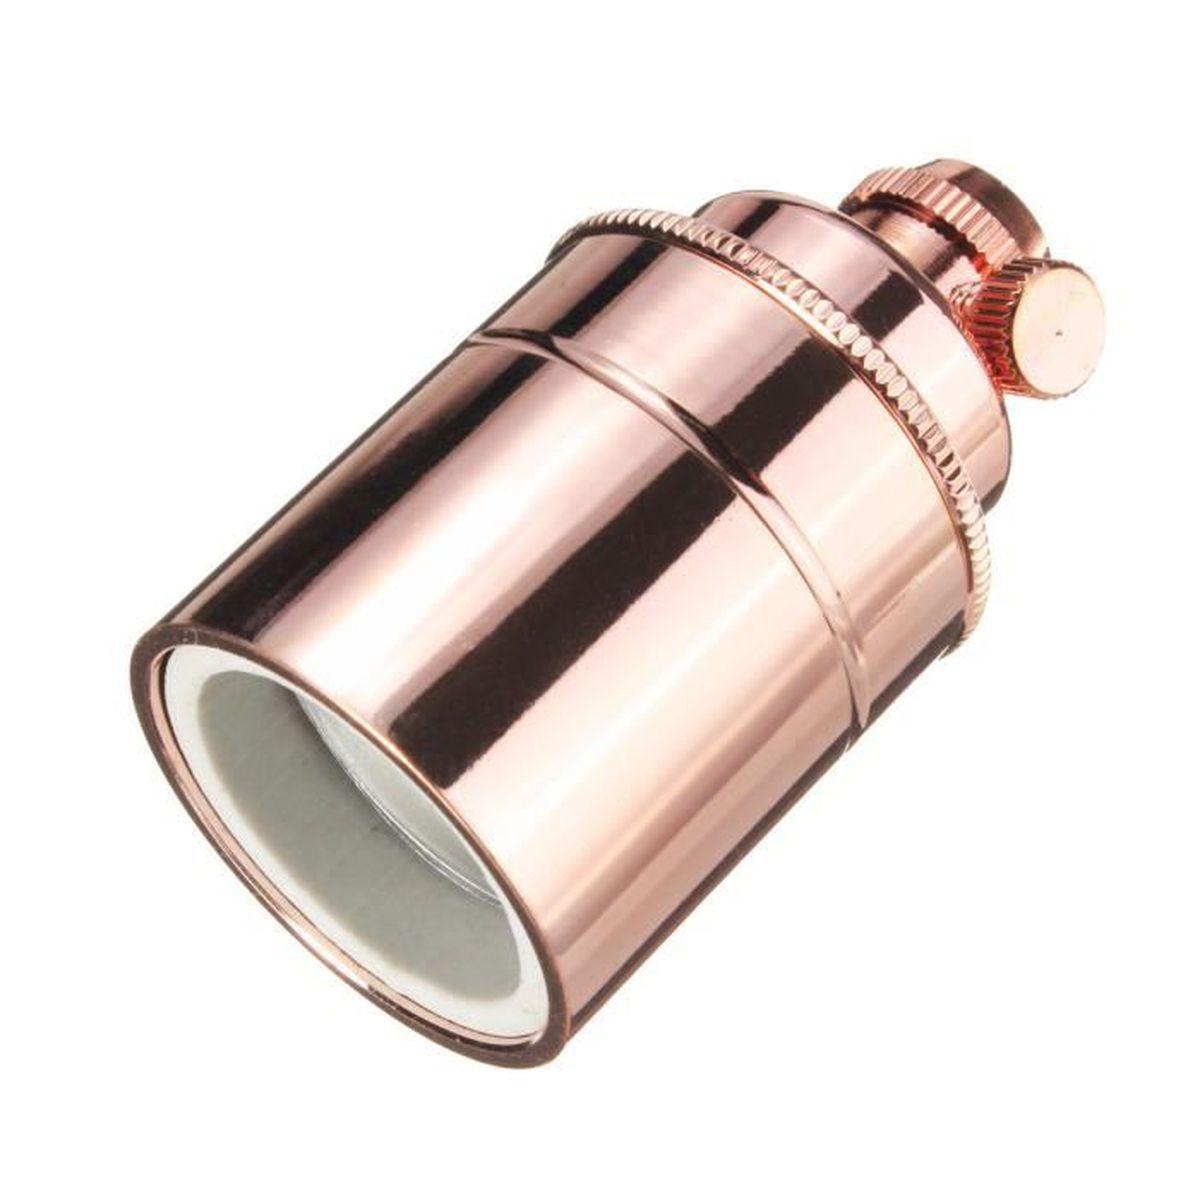 E27 Douille Ampoule /à Interrupteur en Cuivre Support de Lampe Vintage Or Rose